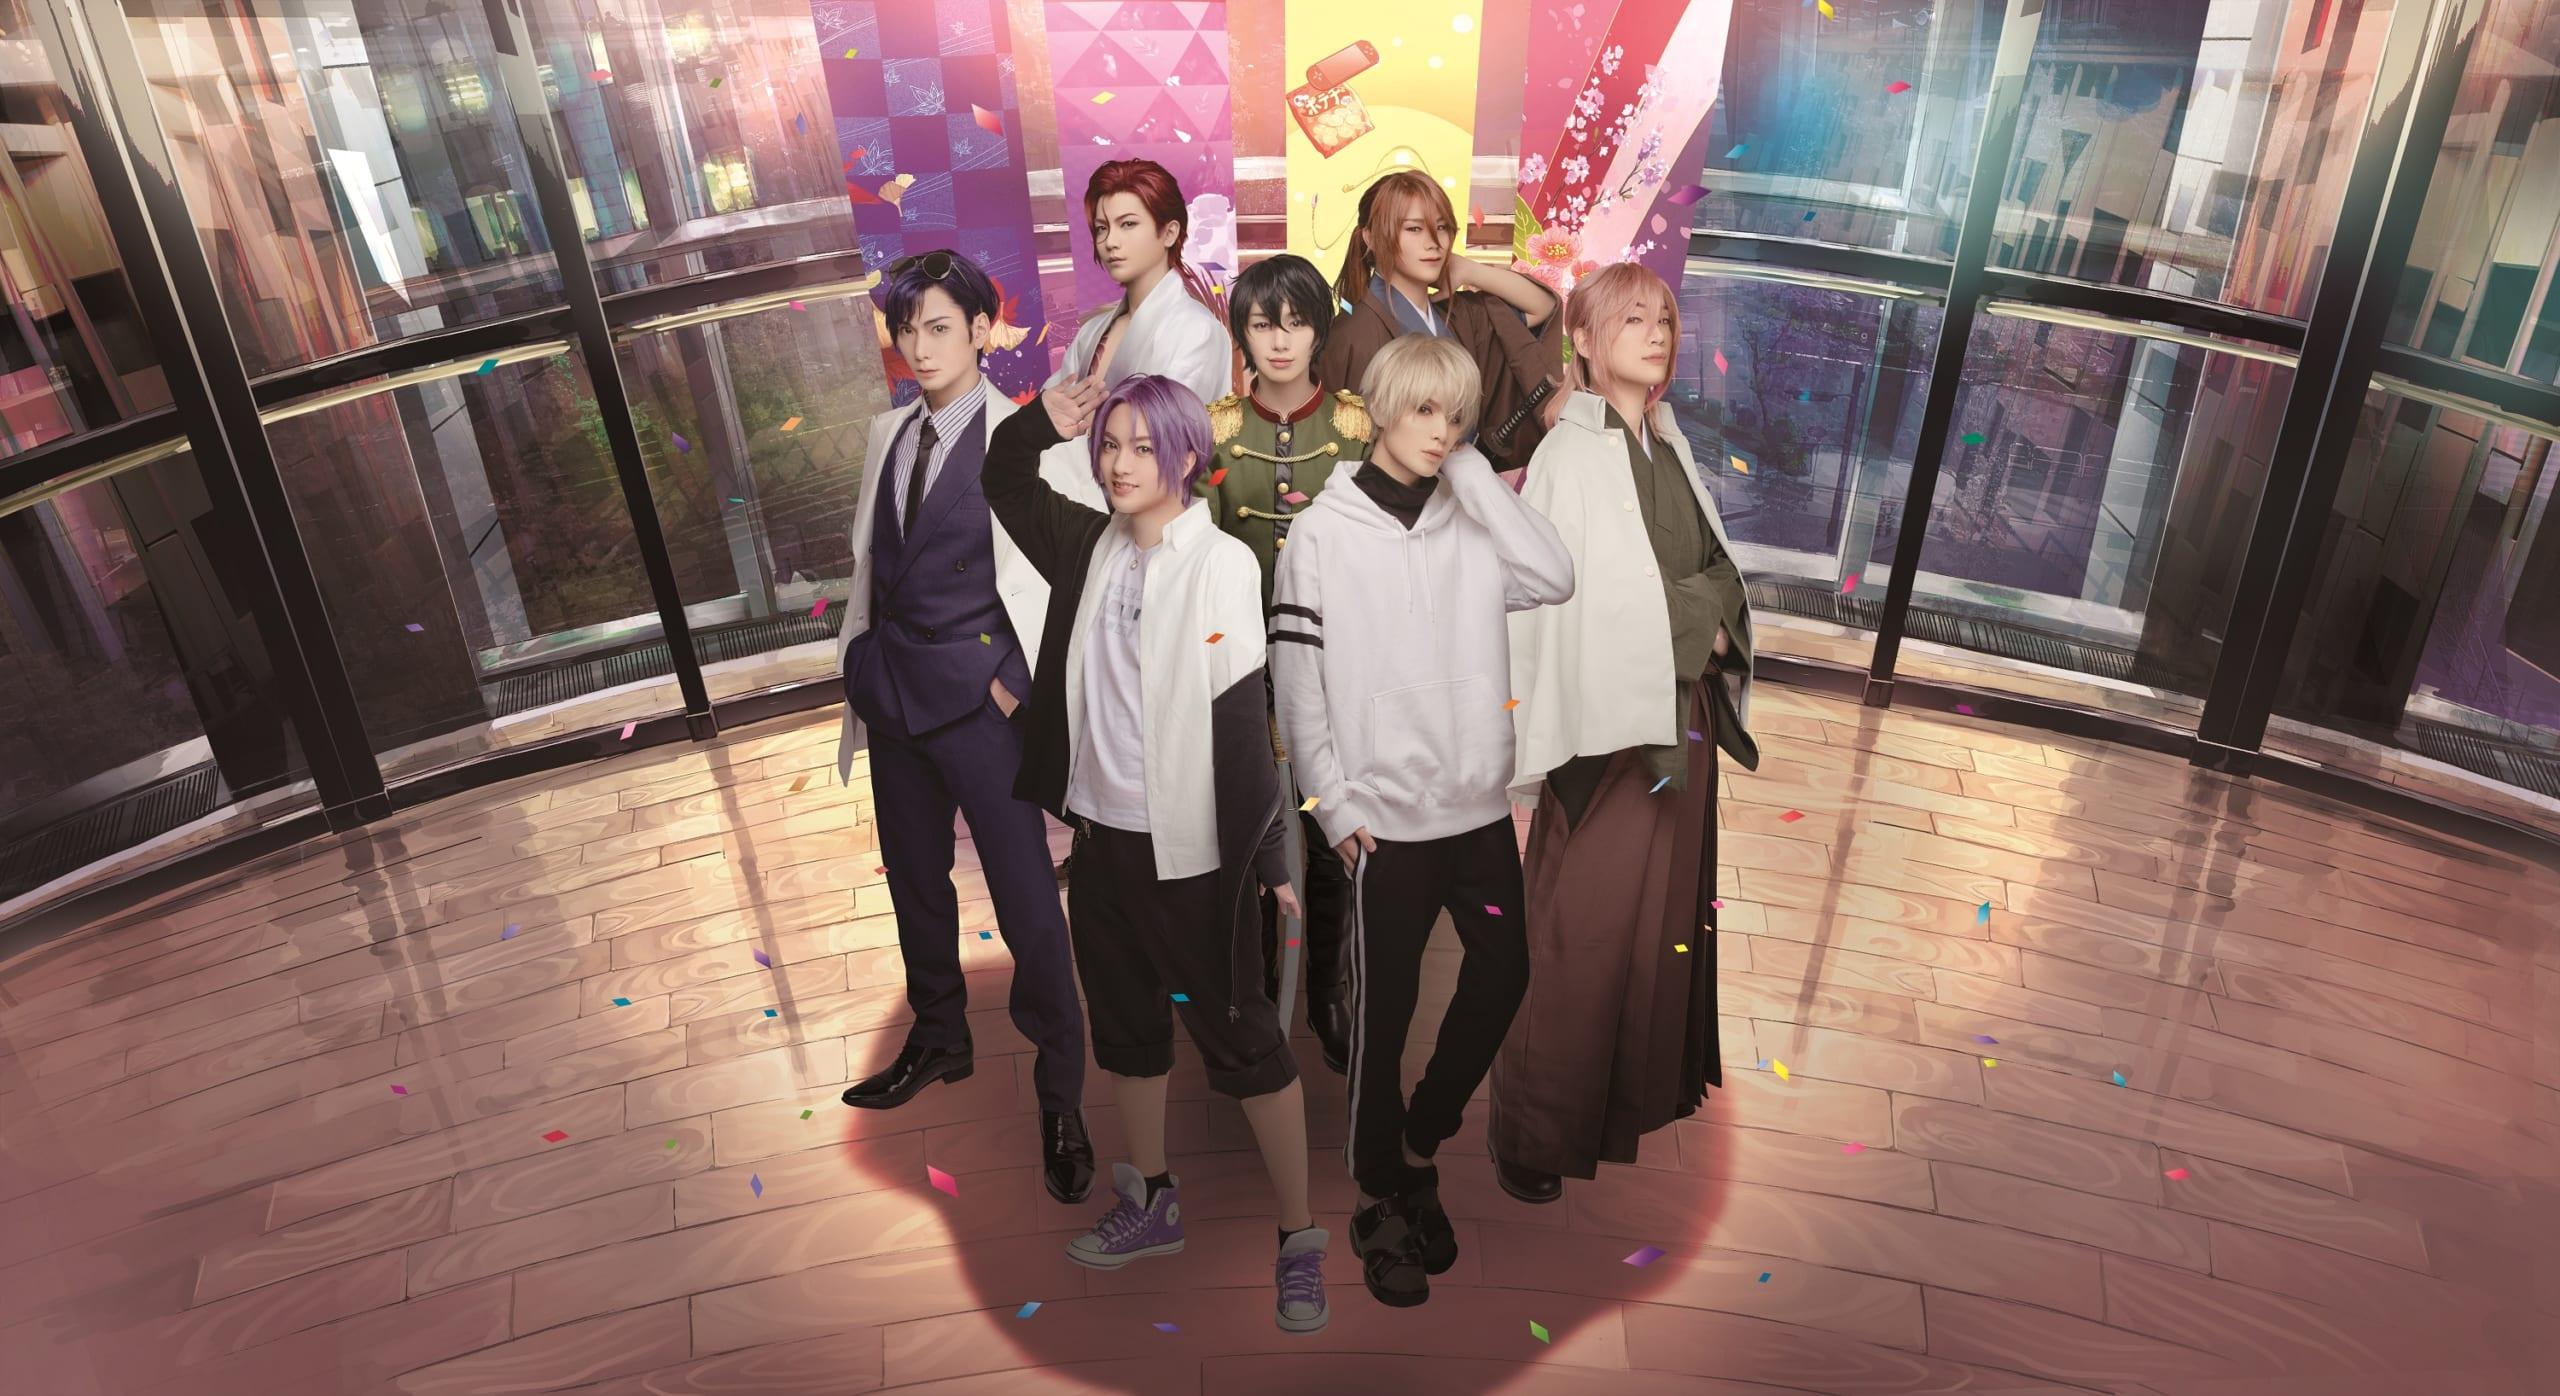 舞台「元号男子」江戸・幕末・明治がゲストで出演!7人のメインキャラが集結したビジュアル公開